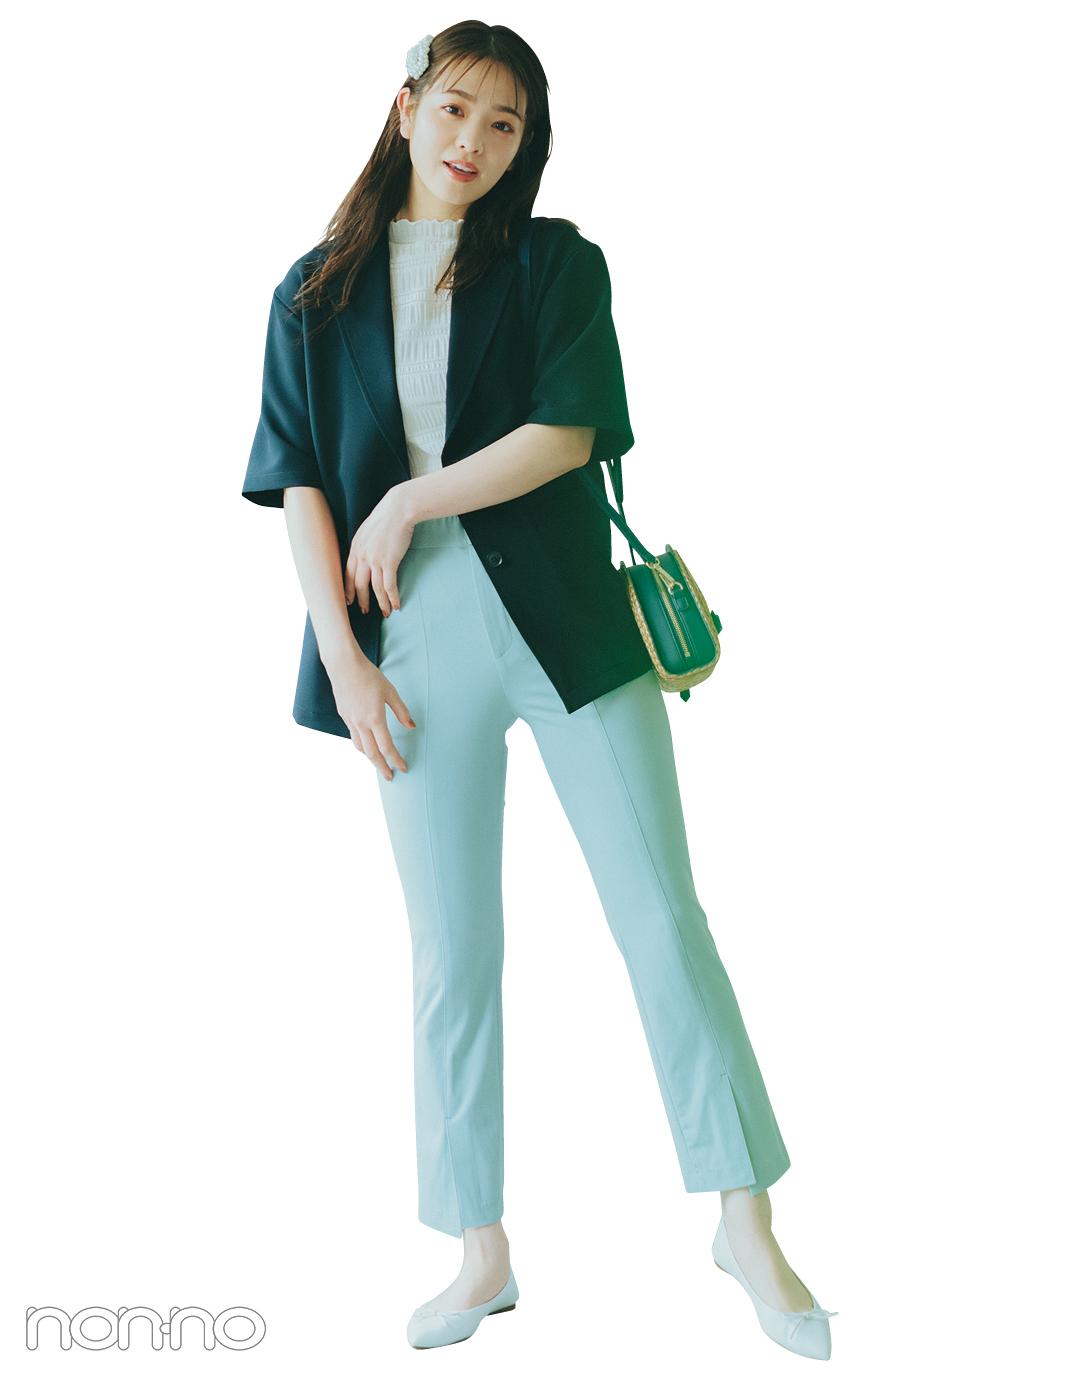 『横田真悠』の『カラーパンツ』モデルカット5−1